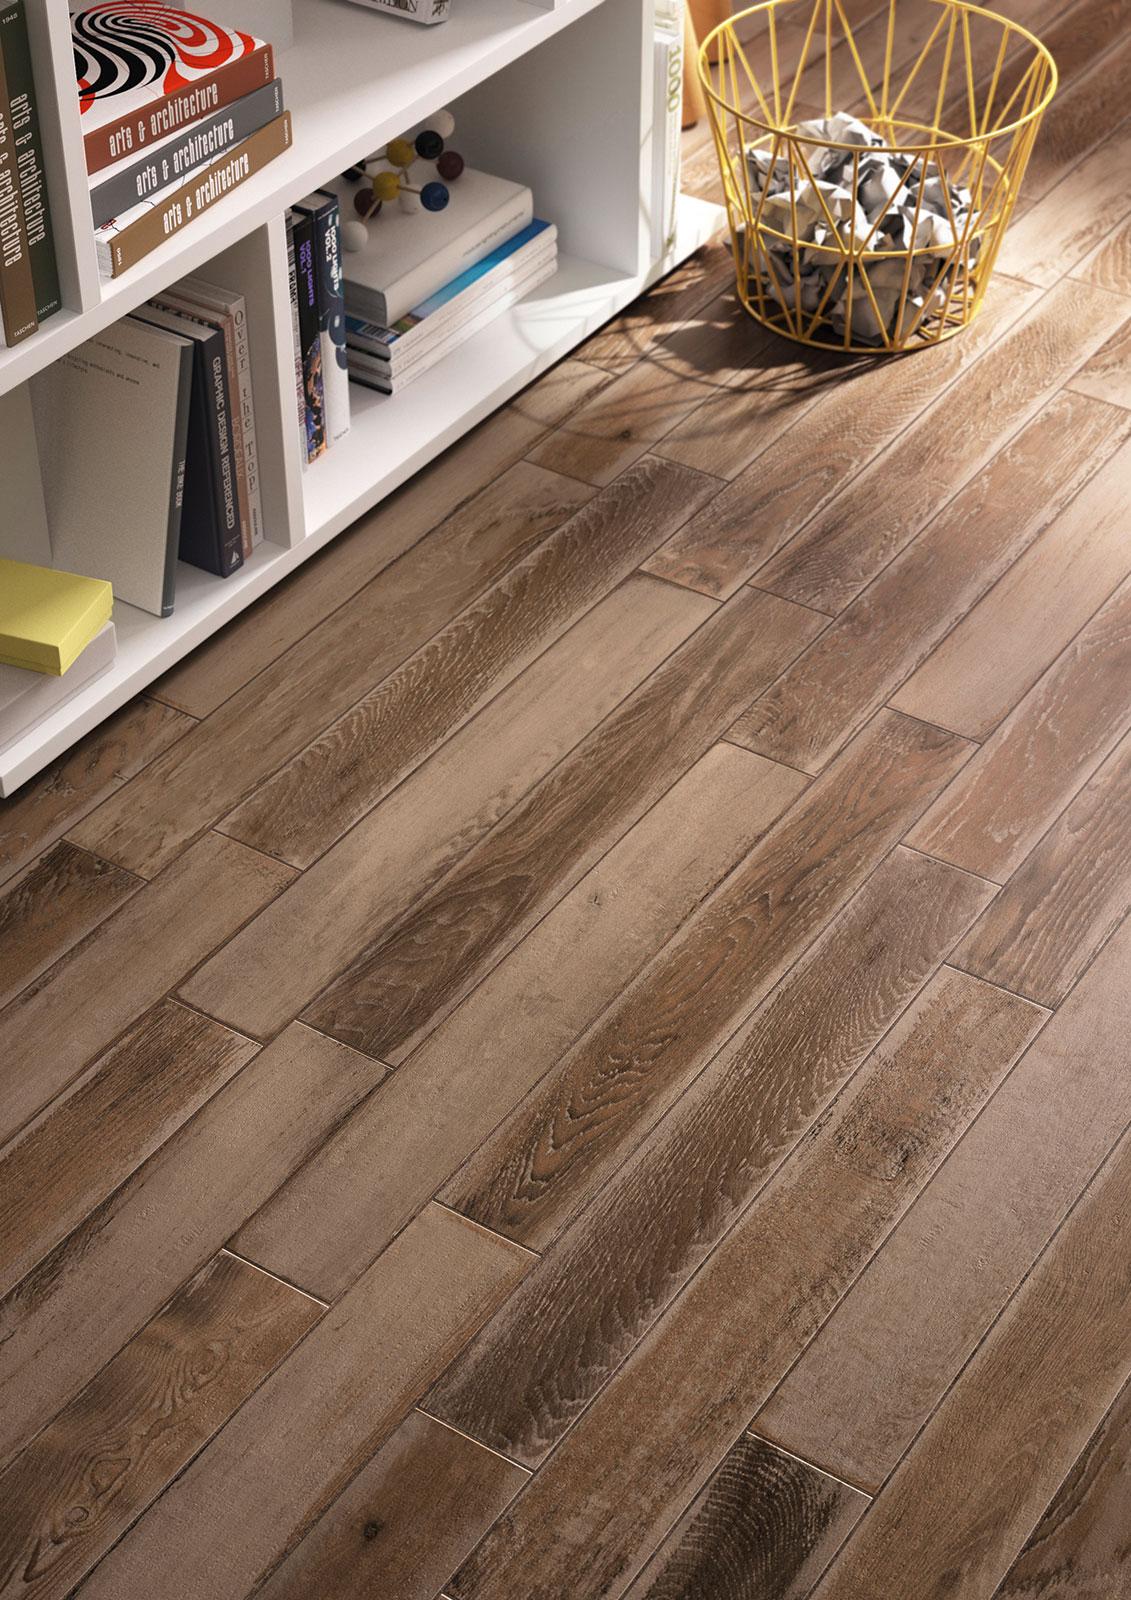 Treverkage gres imitaci n madera para pavimentos marazzi - Pavimento ceramico imitacion madera ...